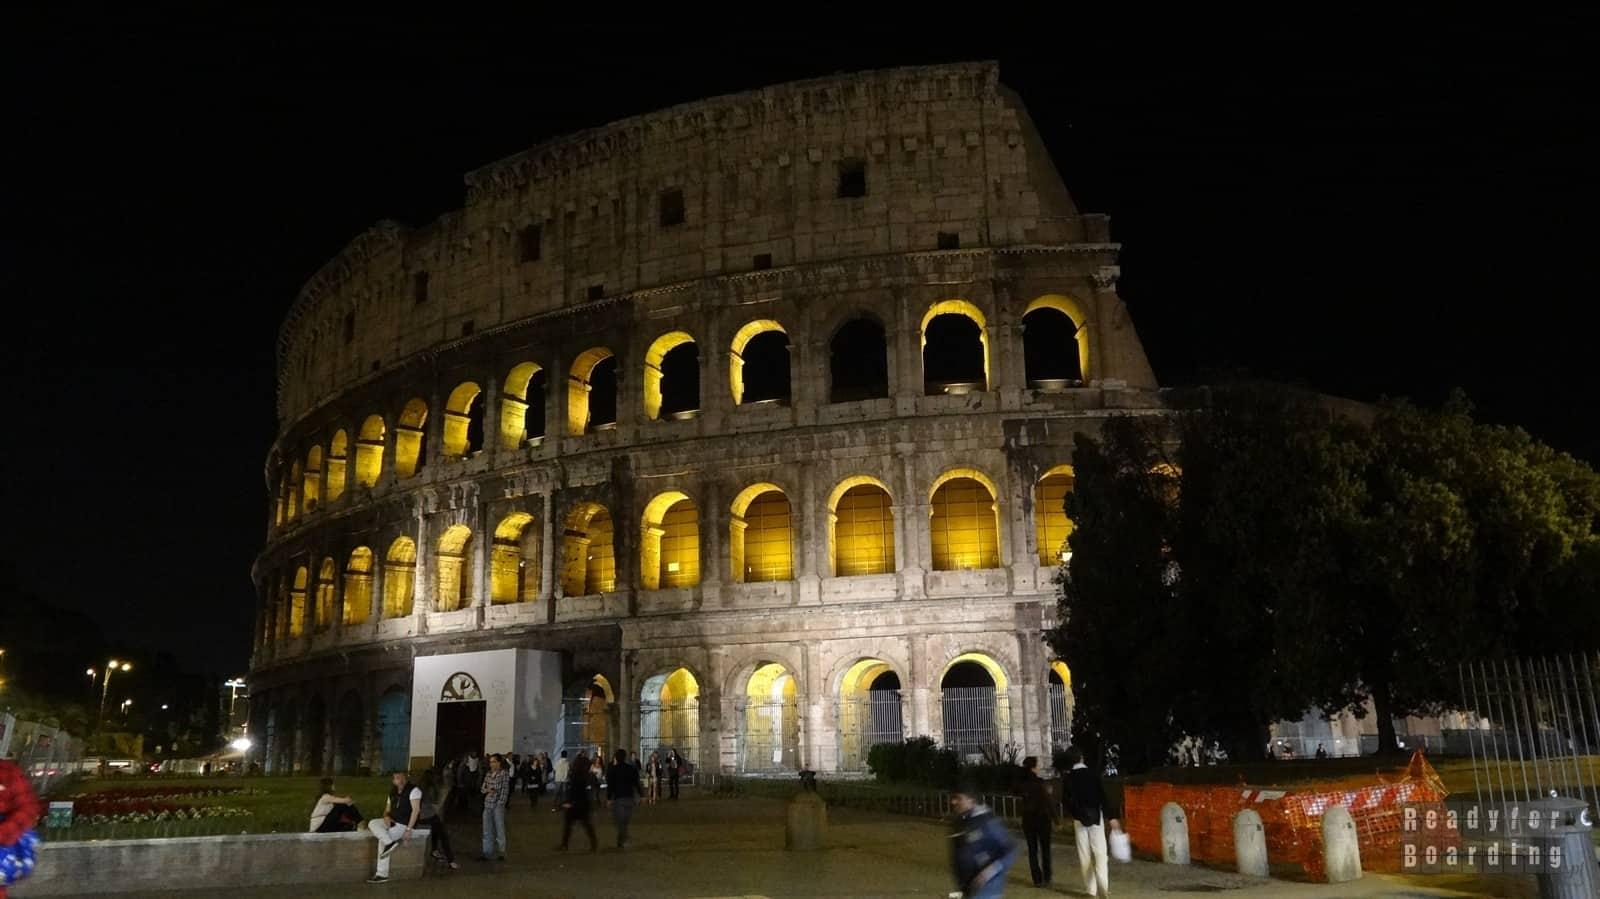 Włochy - dzień 6 nocą